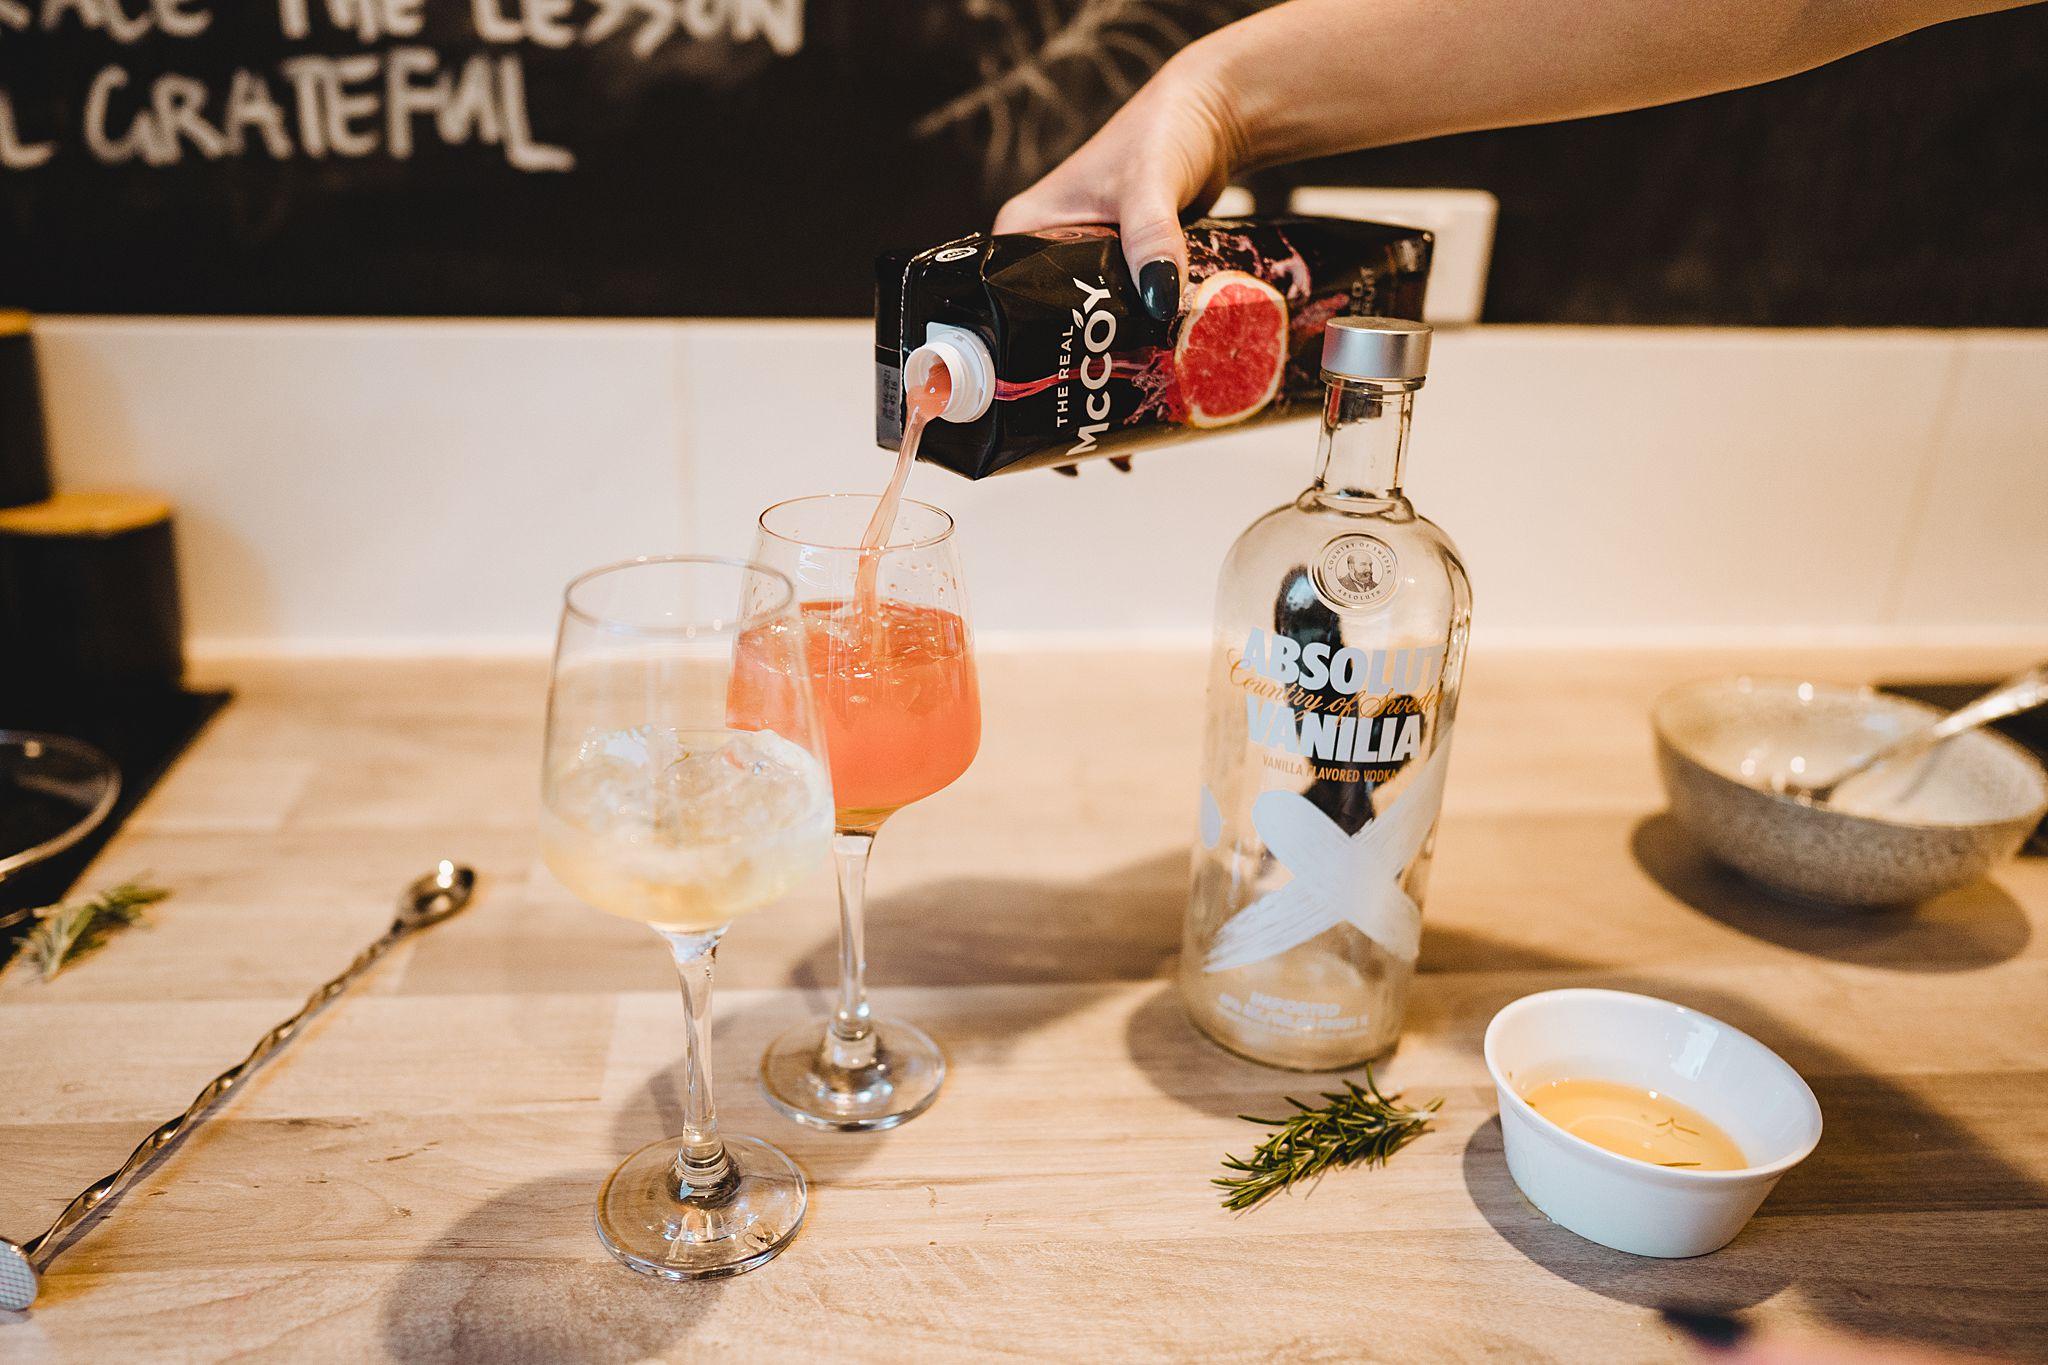 pouring grapefruit juice into vodka cocktail